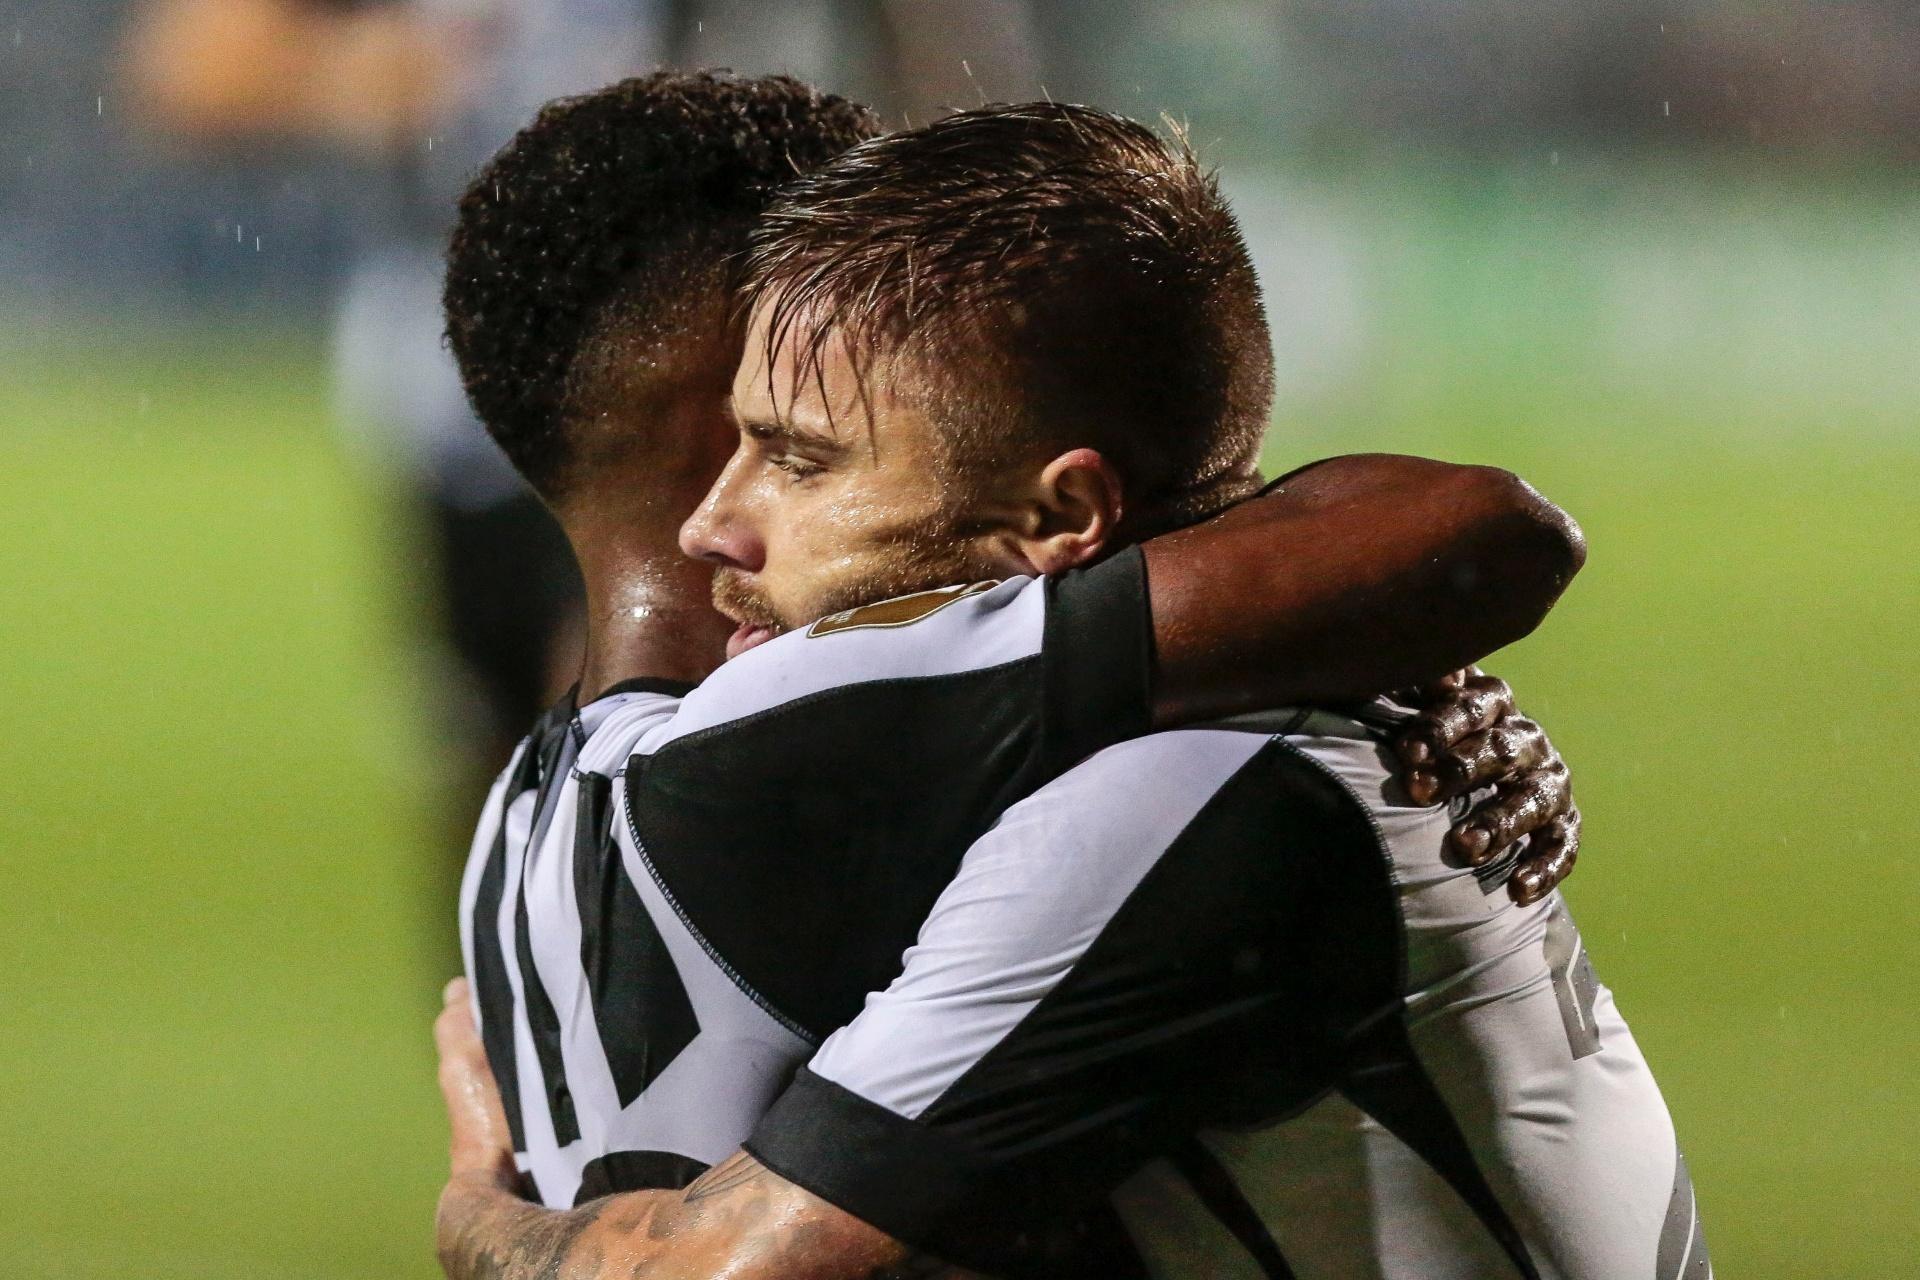 Jair estuda  sacrificar  Rodrygo ou até barrar Sasha para ajustar o Santos  - 01 07 2018 - UOL Esporte 5bb971ba0a00f